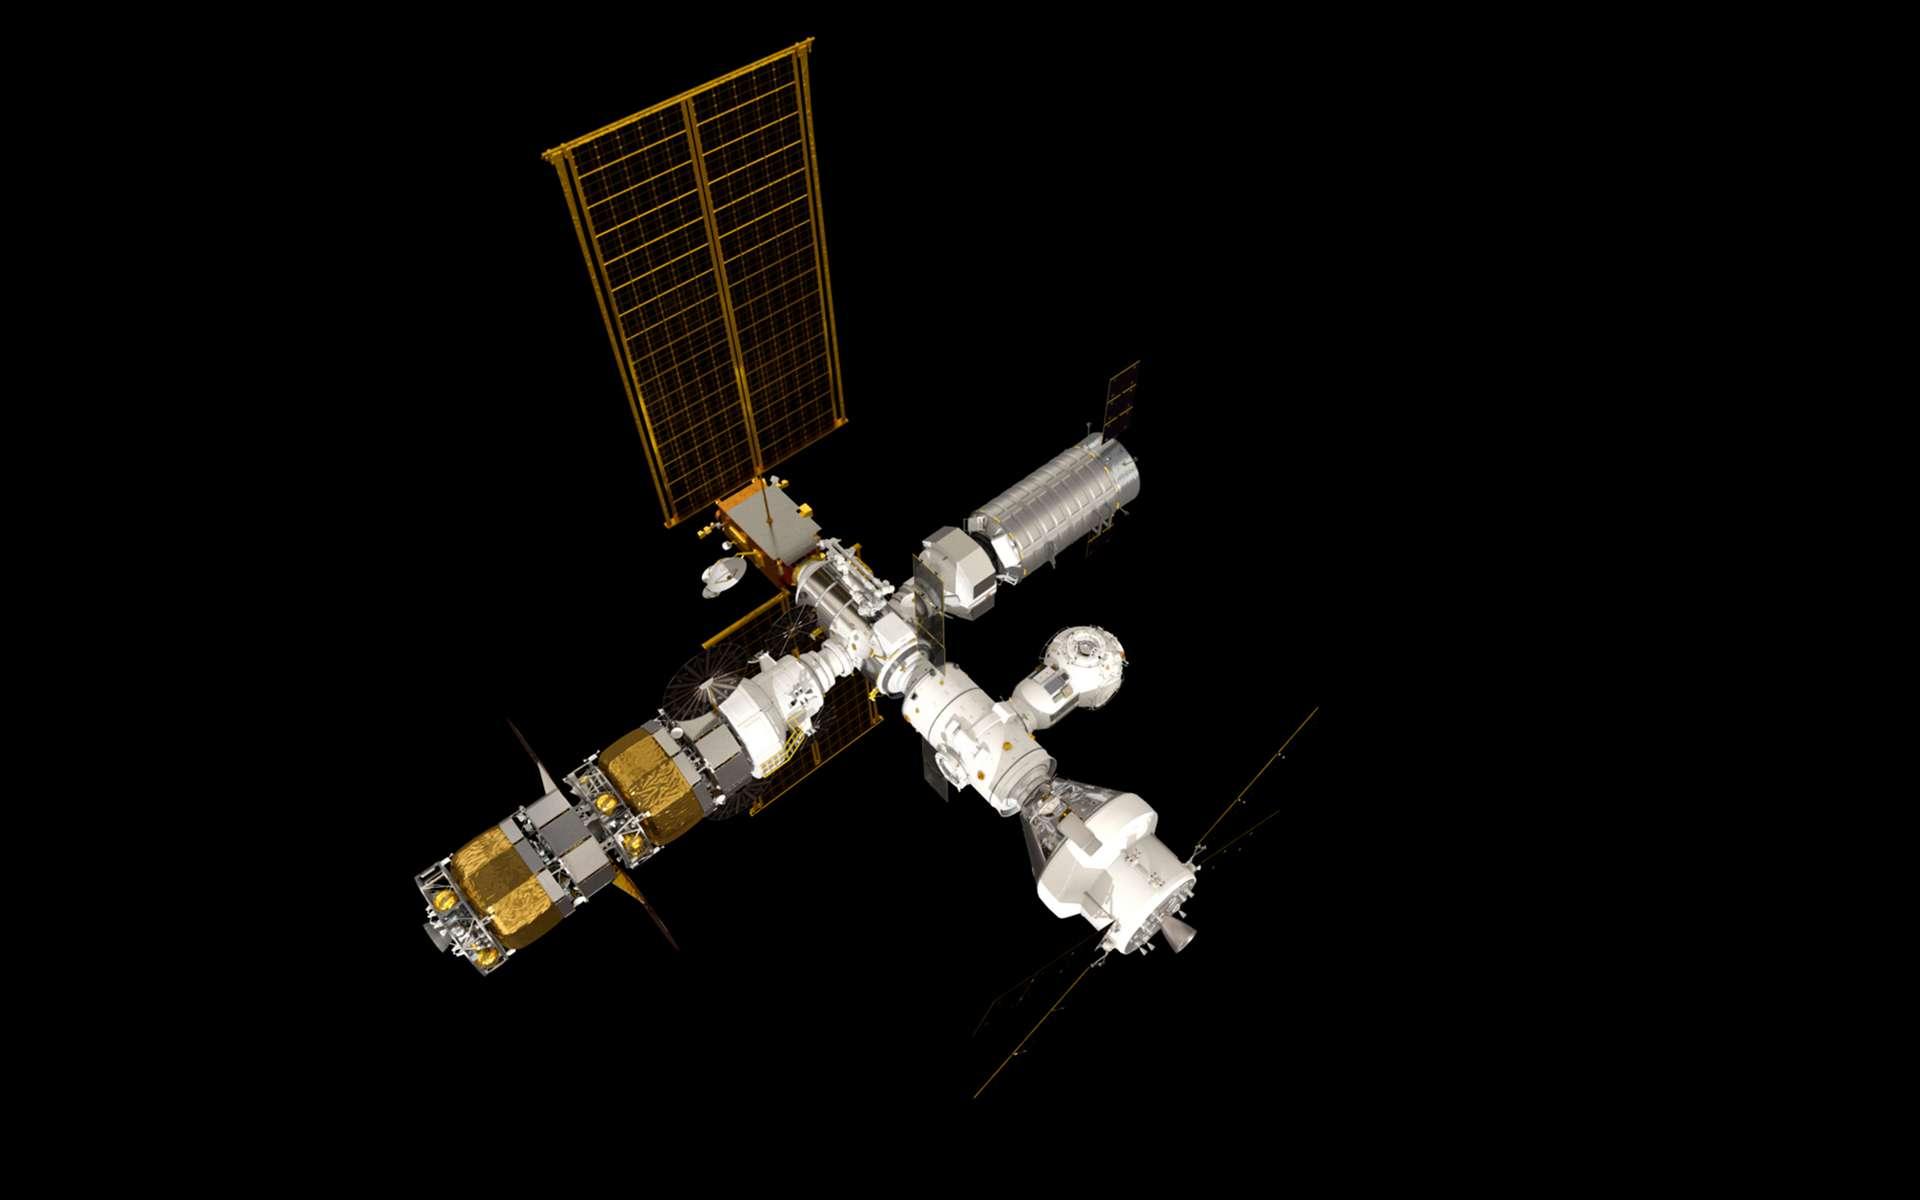 Le Gateway avec le véhicule Orion. © ESA